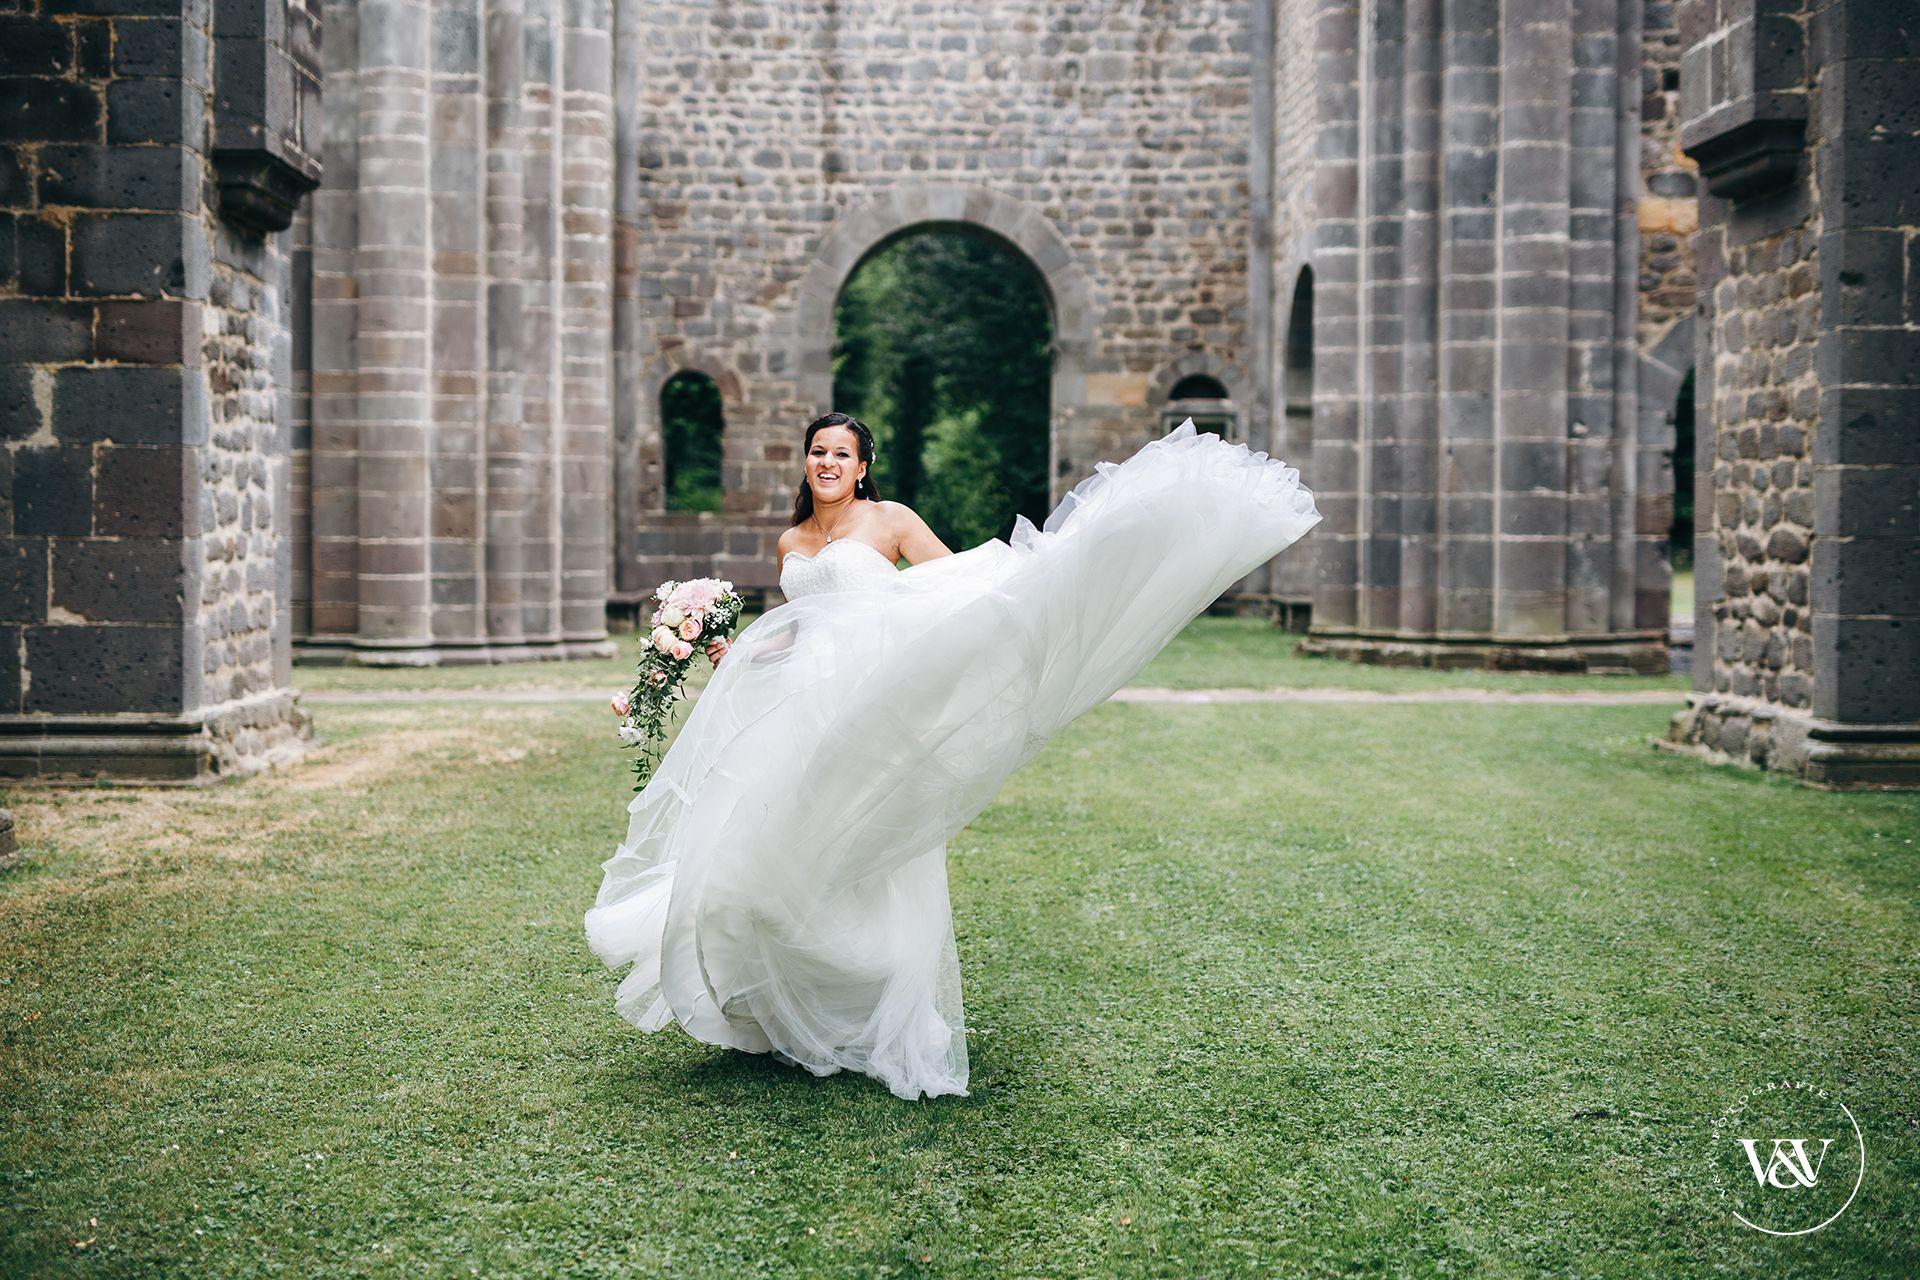 Brautportrait Brautbilder Ideen Brautpaarshooting Ideen Brautkleidbilder Klosterarnsburg Hochzeit In Klost Braut Portraits Hochzeit Bilder Hochzeitsbilder